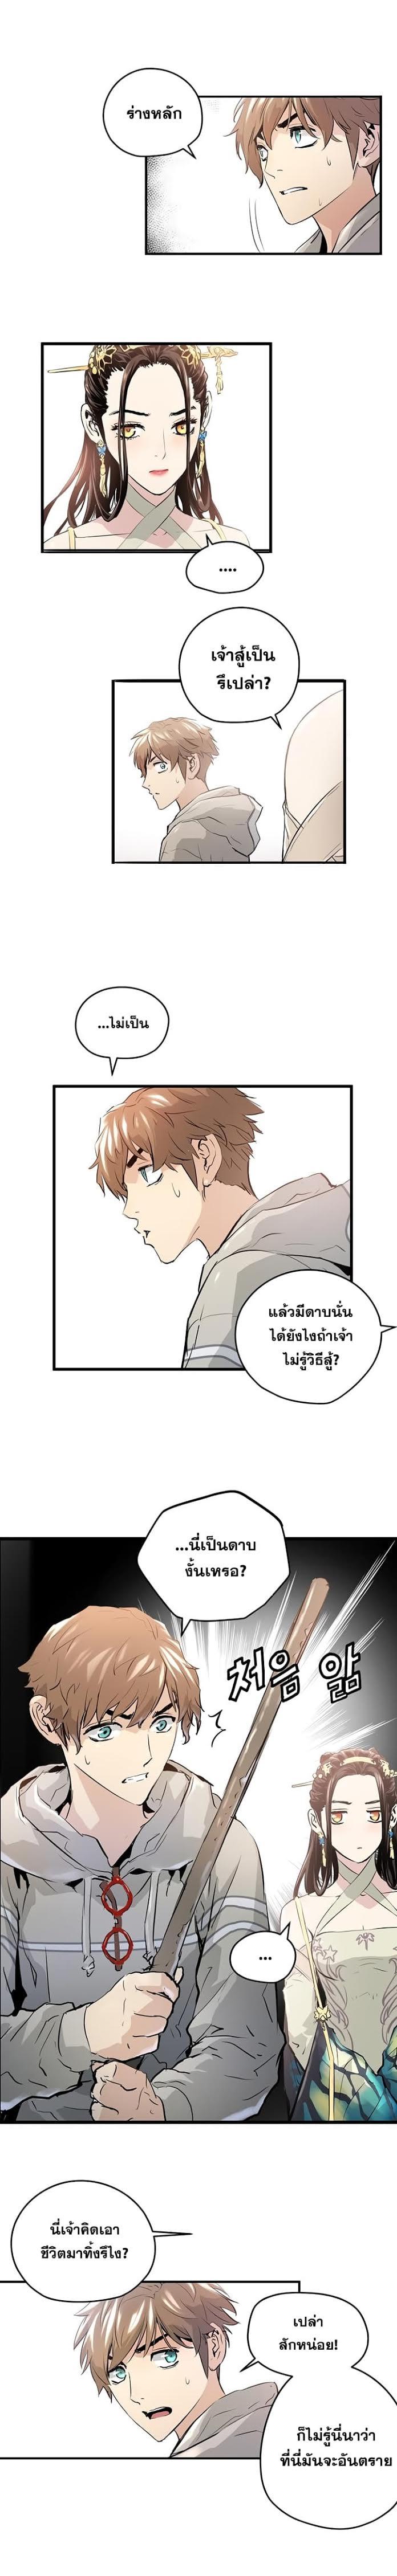 อ่านการ์ตูน Promised Orchid ตอนที่ 4 หน้าที่ 13